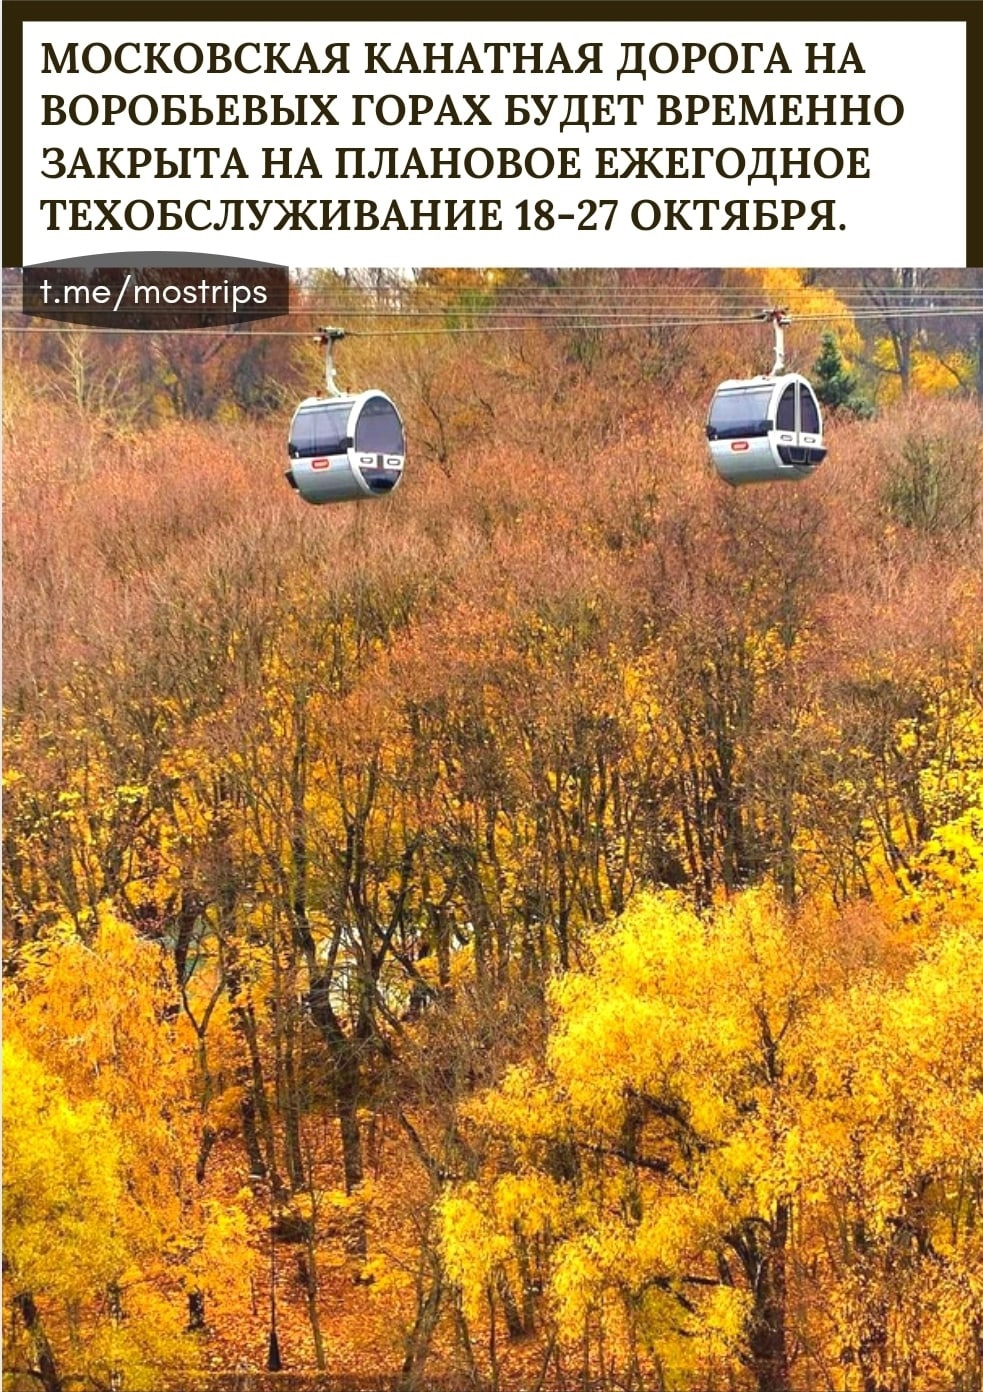 Пост Москвича номер #258014